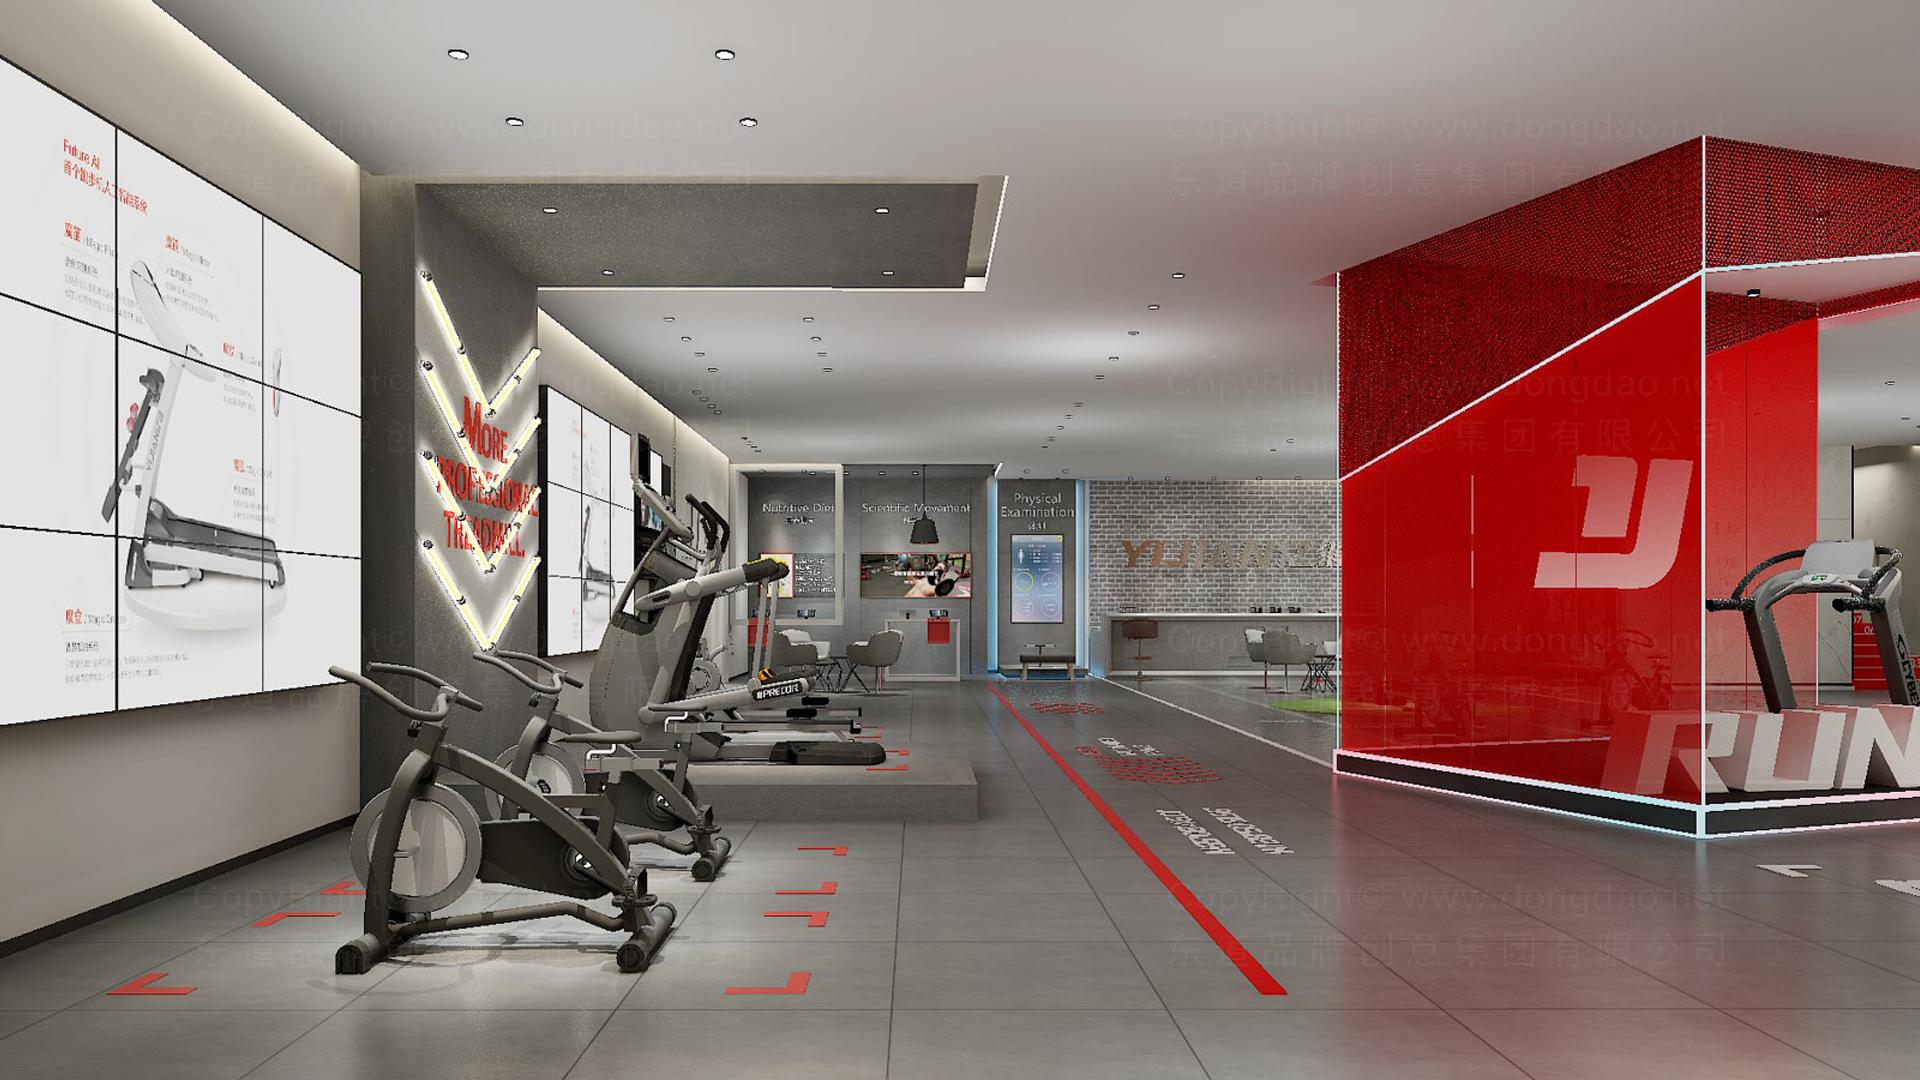 商业空间&导示亿健健身新零售终端SI设计应用场景